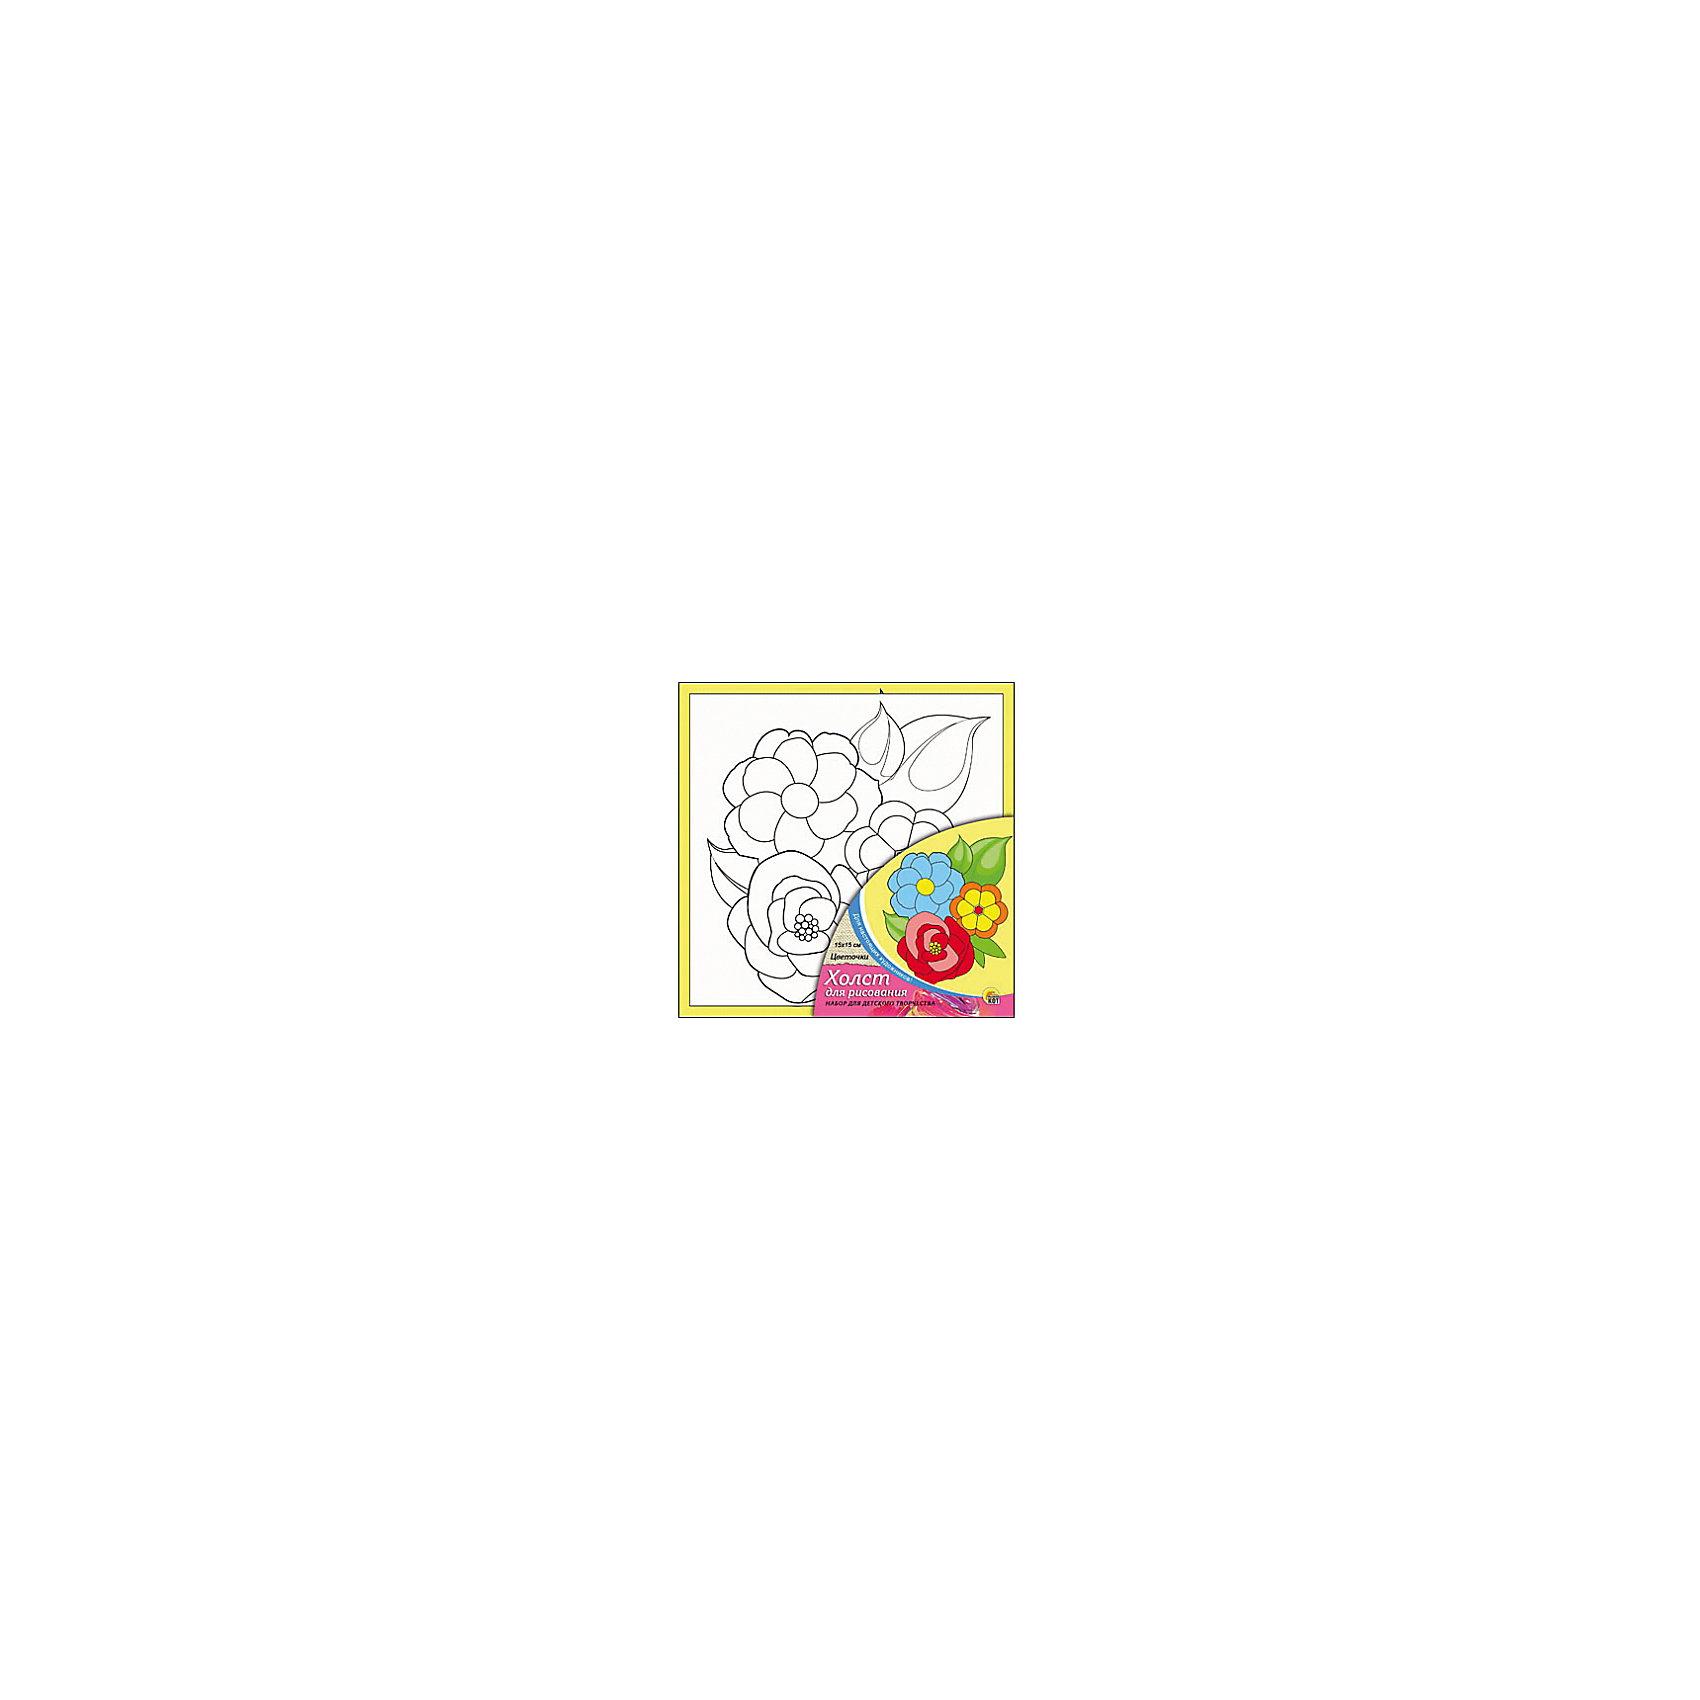 Холст с красками Цветочки, 15х15 смЦветочки - необыкновенный набор для детского творчества. Для того, чтобы оживить черно-белый эскиз, нужно нанести на него яркие акриловые краски, входящие в набор. Очаровательная картинка с цветами понравится малышу и он сможет украсить ею свою комнату, а может даже подарить друзьям или близким. Творчество с таким набором хорошо развивает творческие навыки, усидчивость и аккуратность. Замечательный подарок для юного художника!<br><br>Дополнительная информация:<br>В комплекте: холст с эскизом, 7 акриловых красок, кисточка<br>Размер: 15х1,5х15 см<br>Вес: 140 грамм<br>Холст с красками Цветочки можно приобрести в нашем интернет-магазине.<br><br>Ширина мм: 150<br>Глубина мм: 15<br>Высота мм: 150<br>Вес г: 140<br>Возраст от месяцев: 36<br>Возраст до месяцев: 120<br>Пол: Унисекс<br>Возраст: Детский<br>SKU: 4939500